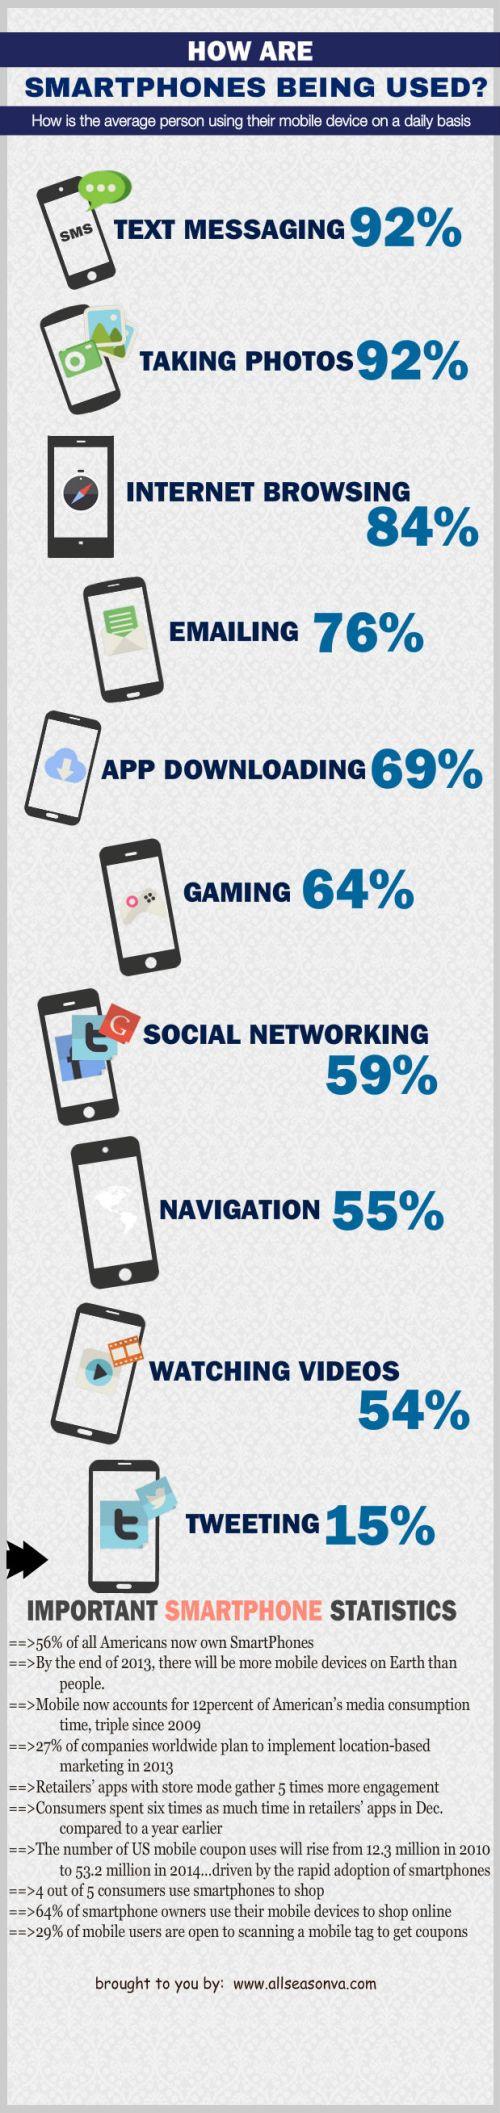 smartphonestats